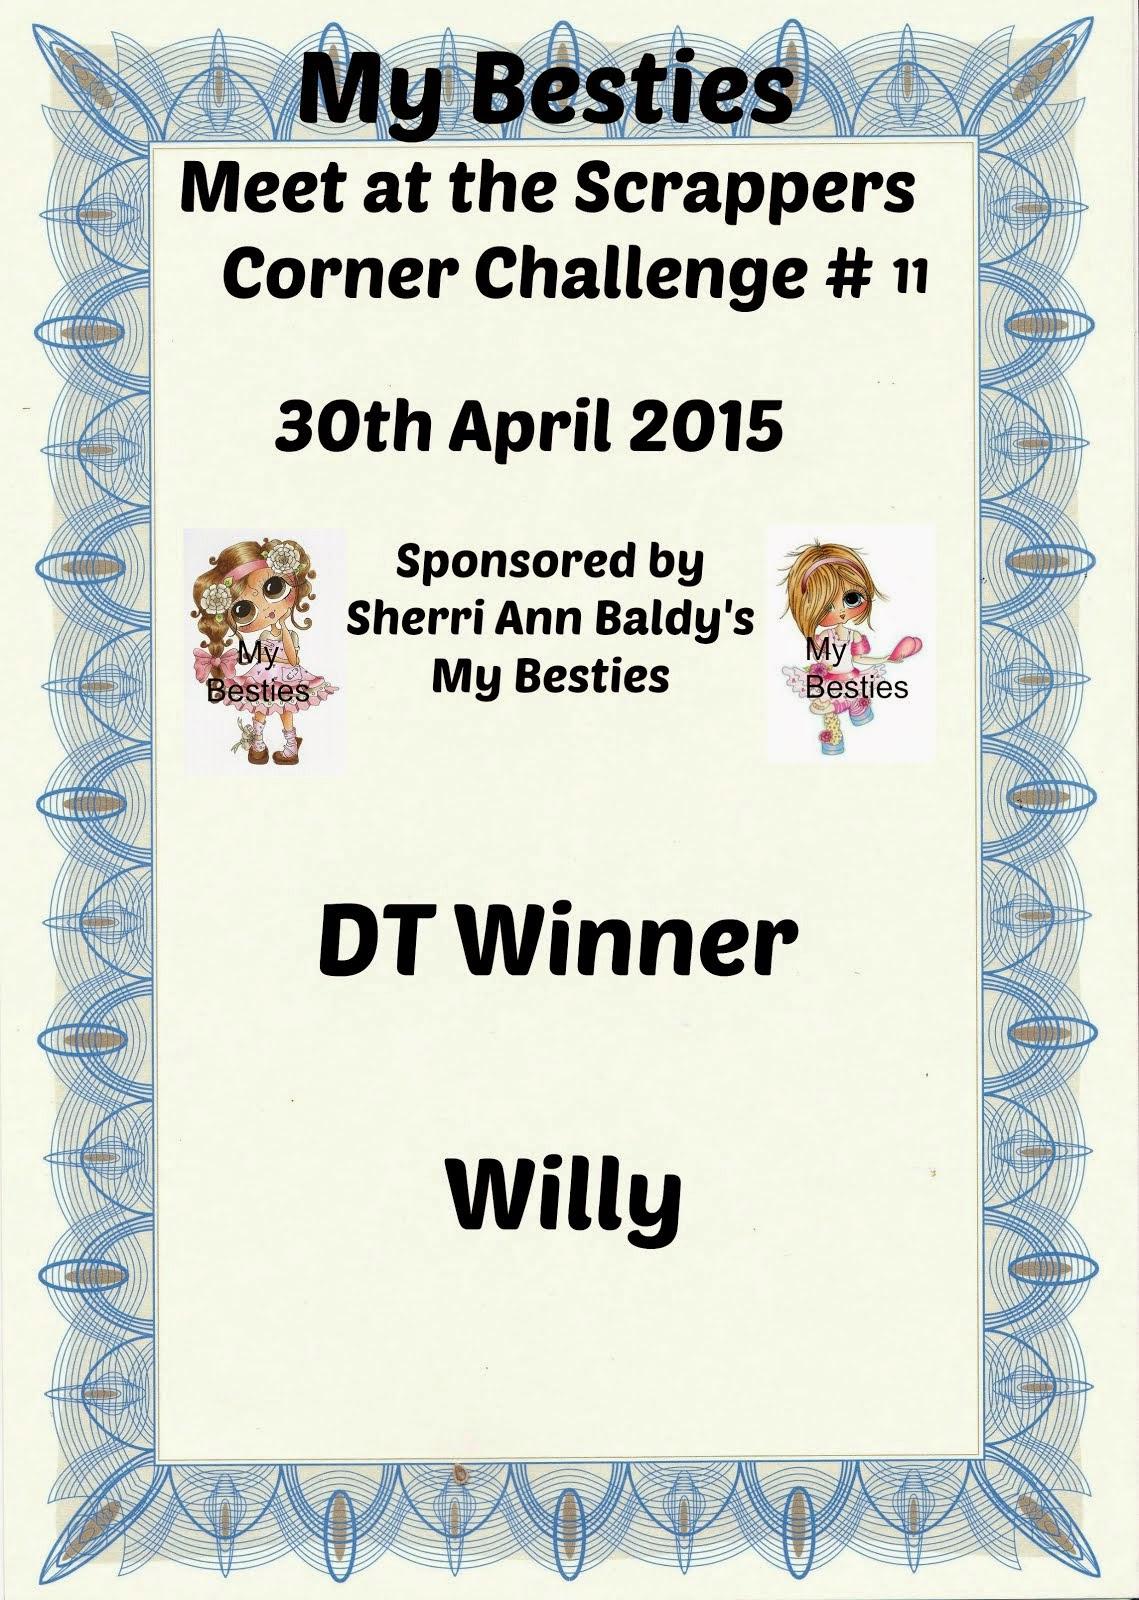 DT Winner